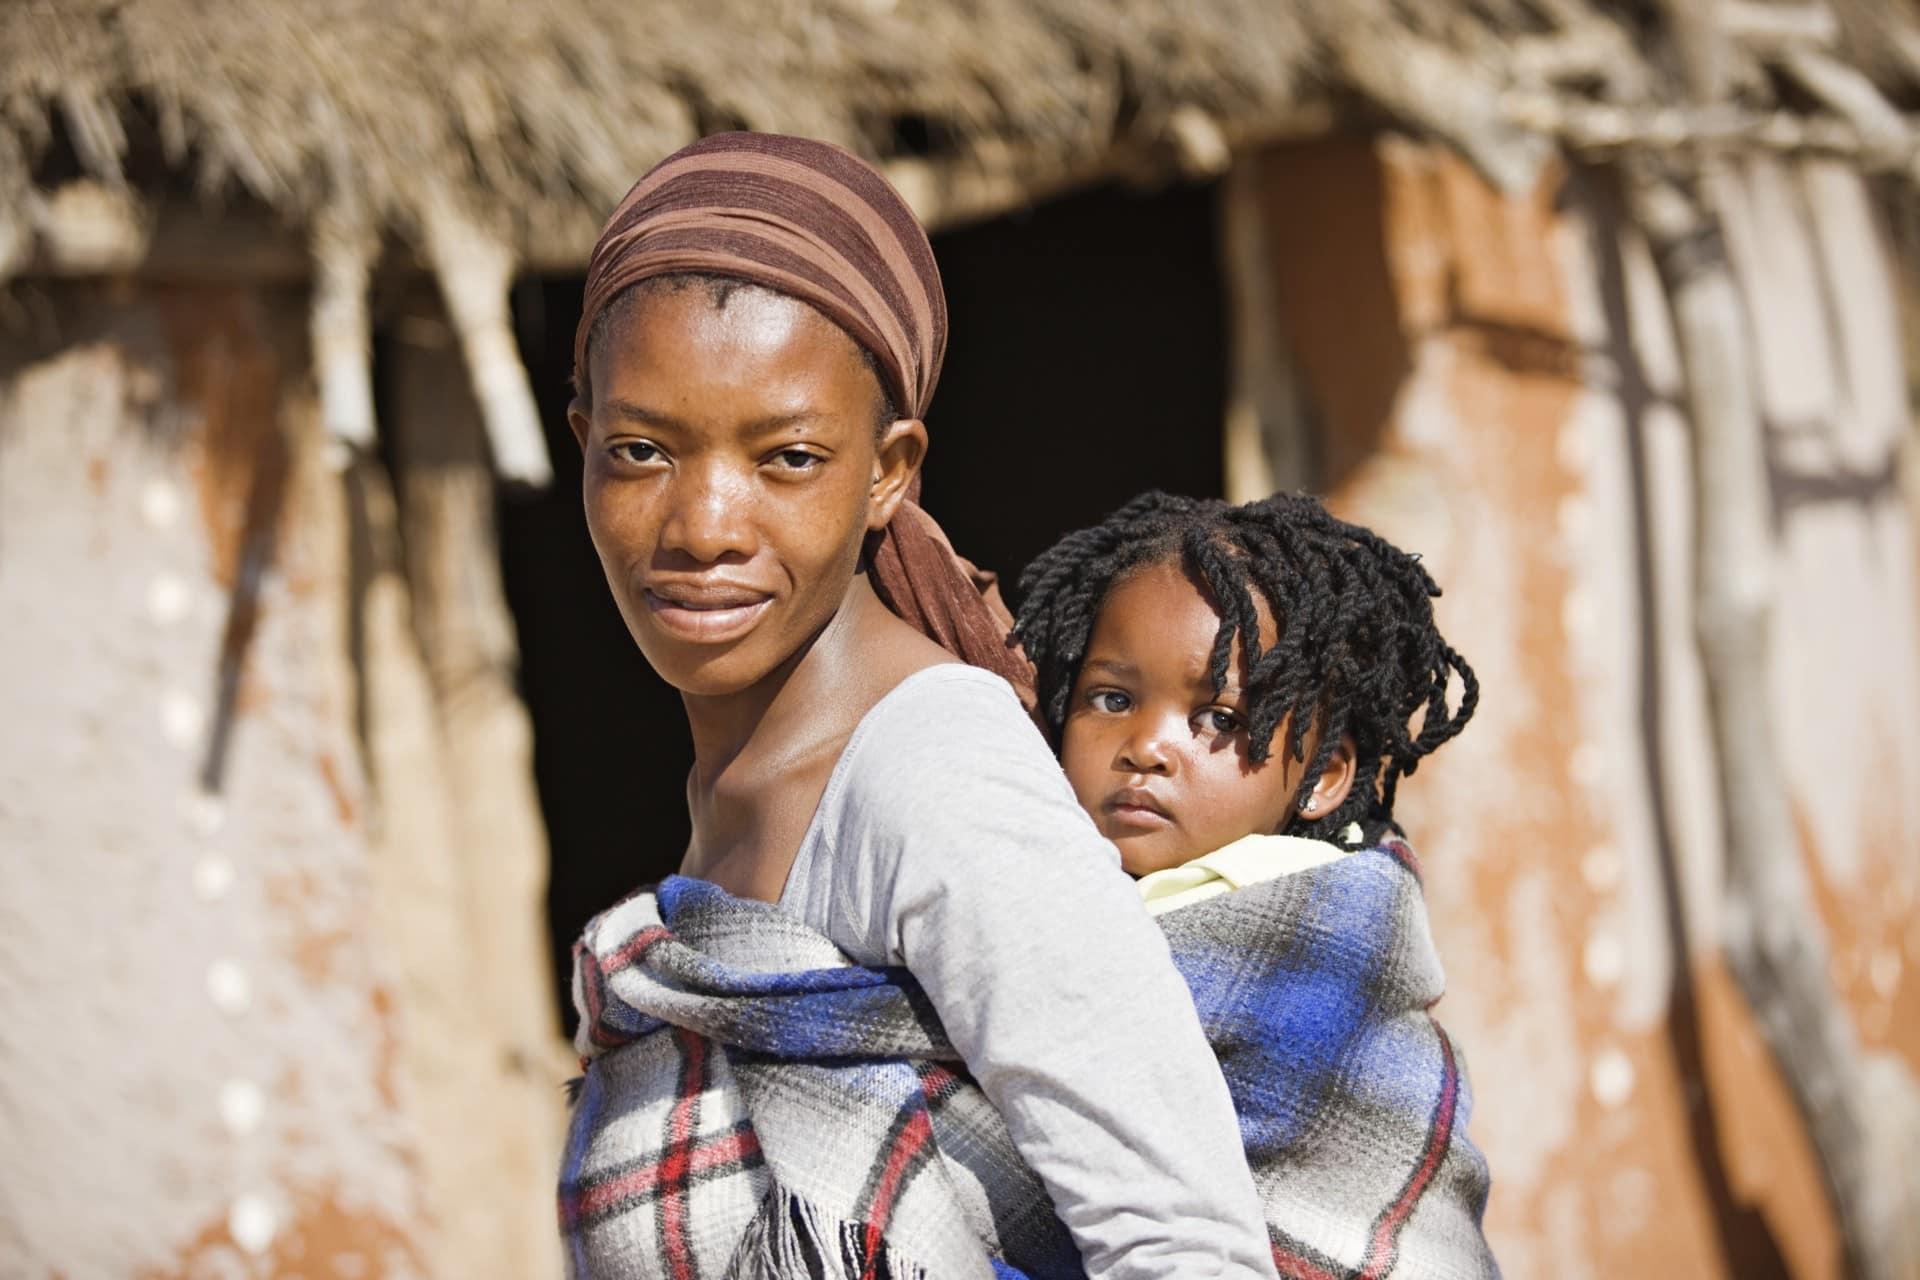 Уровень образования мужчин повлиял на репродуктивную грамотность женщин